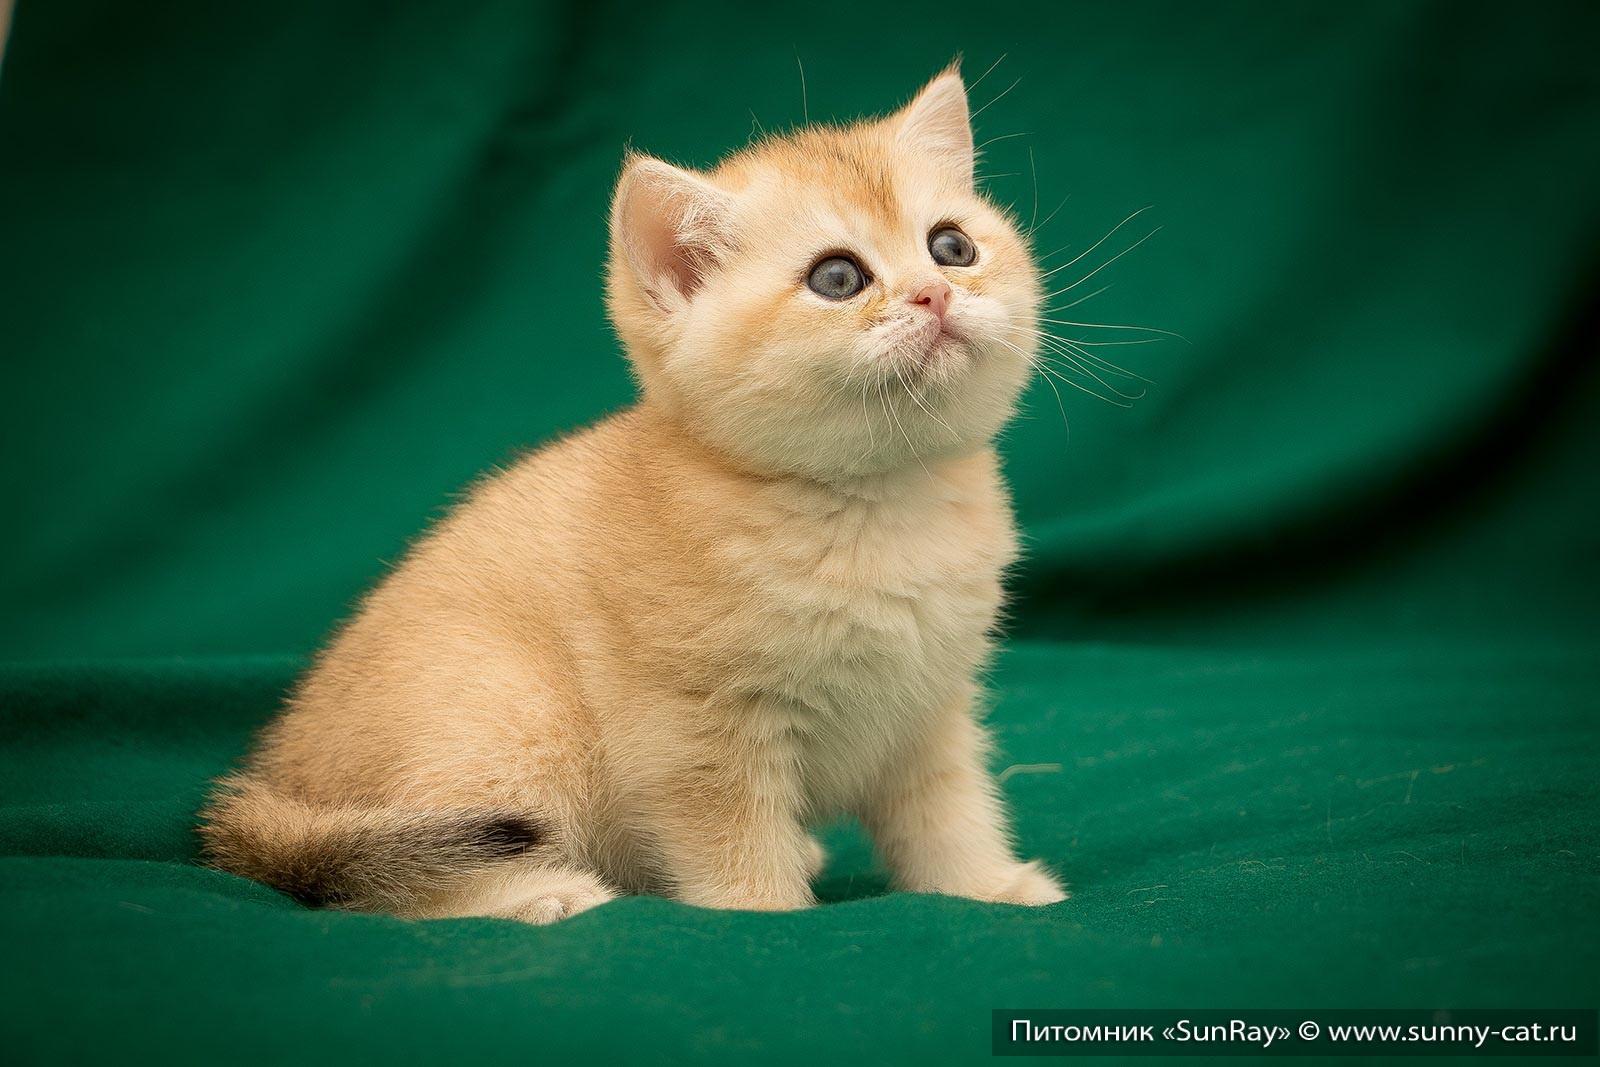 Клички для кота на английском